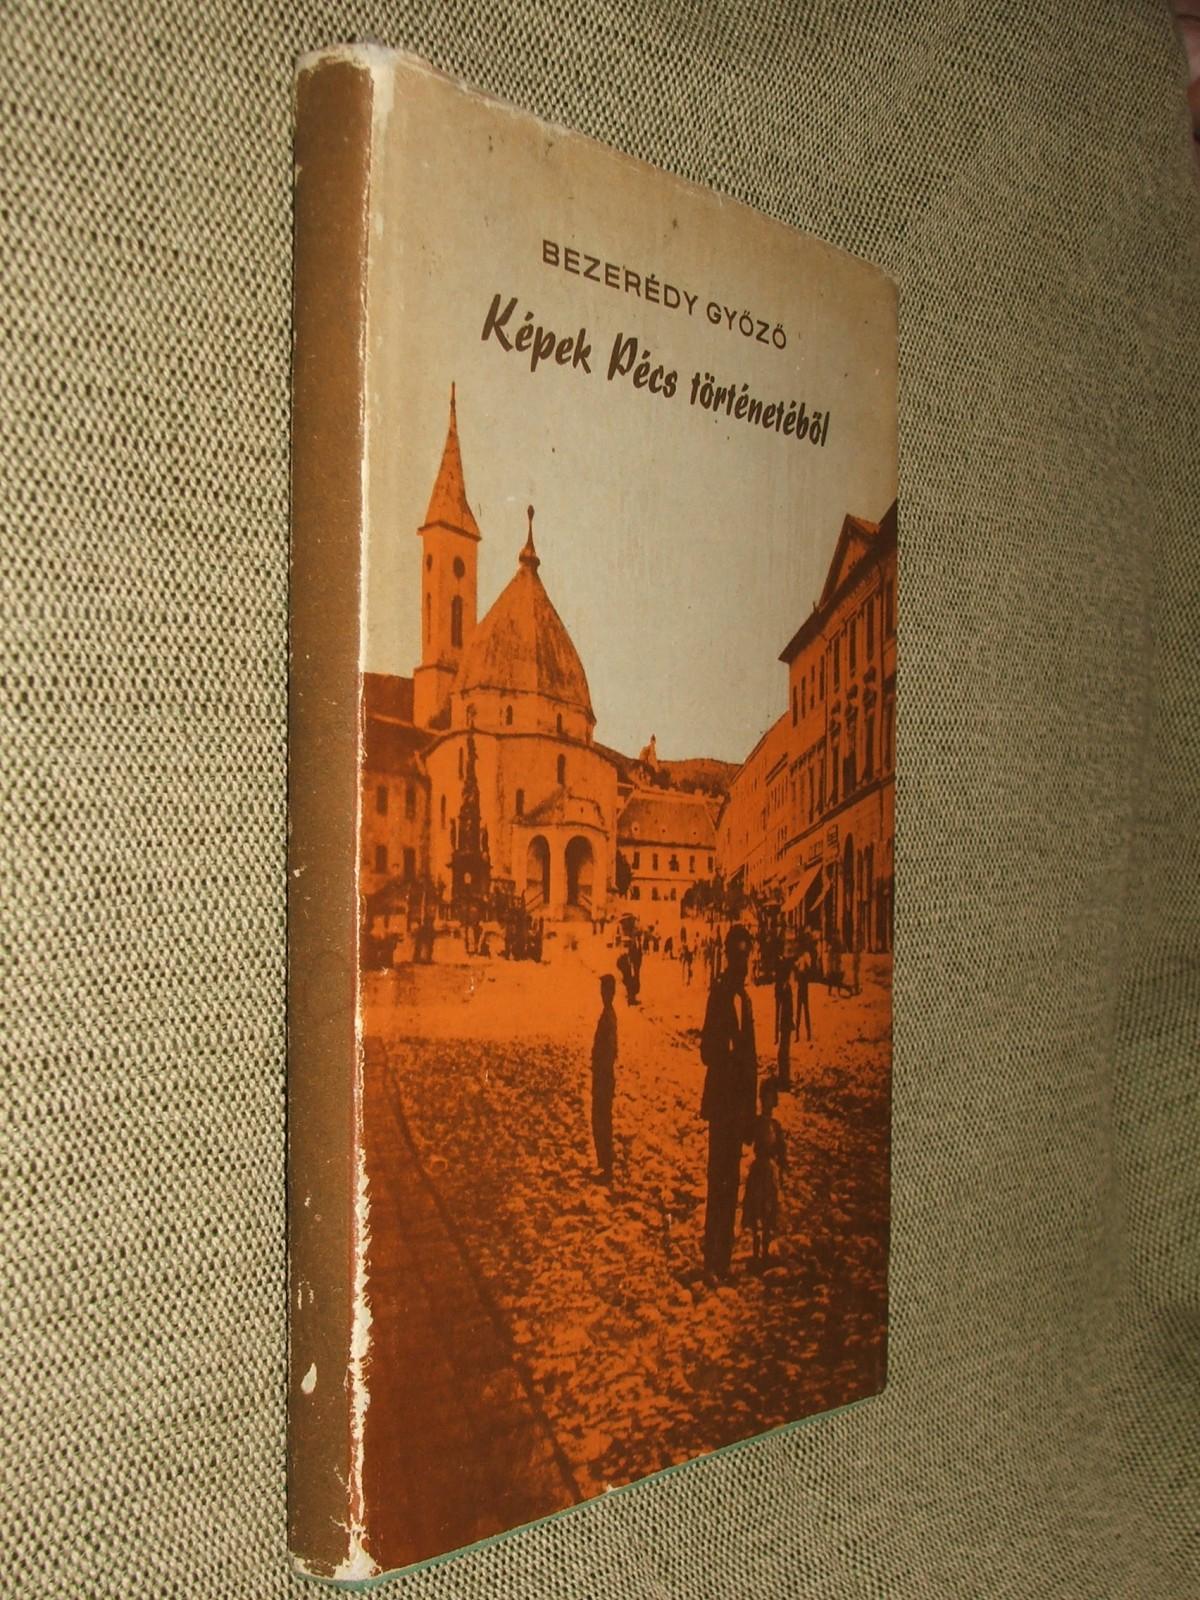 BEZERÉDY Győző: Képek Pécs történetéből 1686-1948